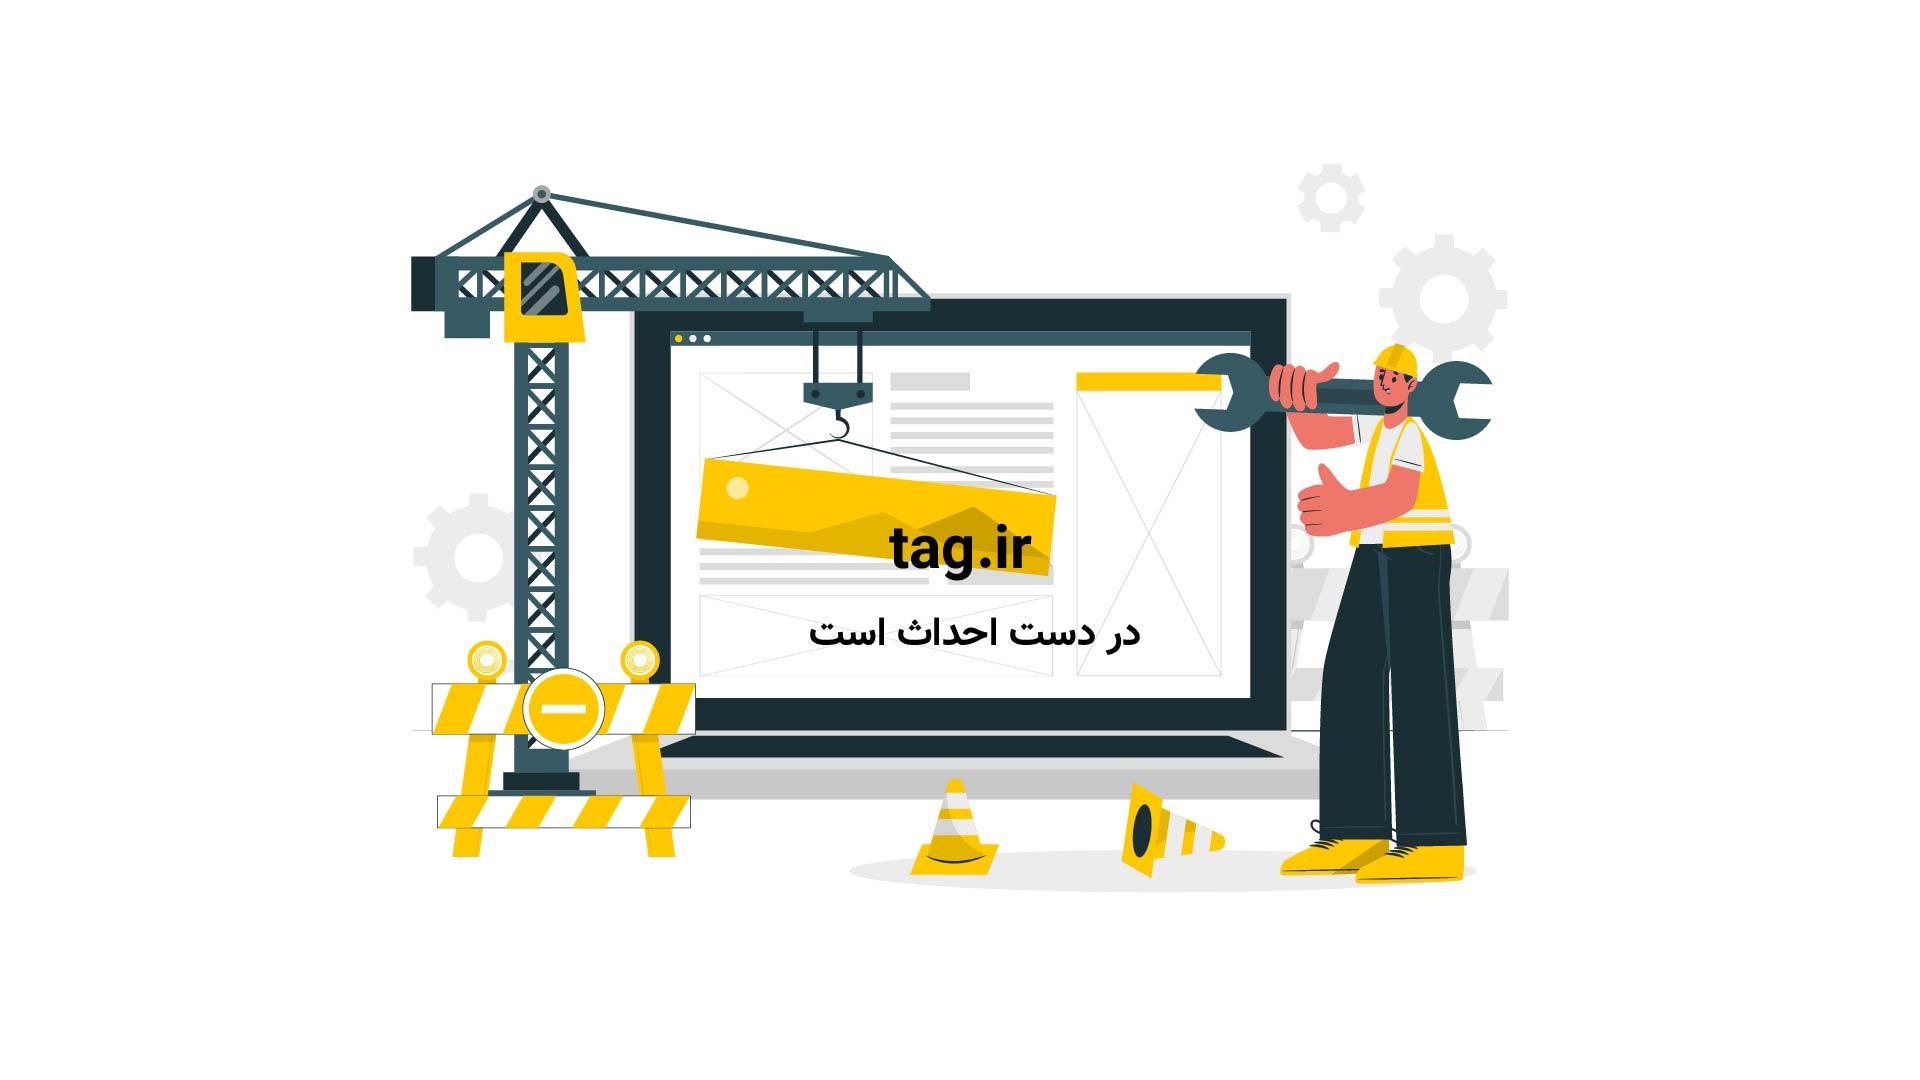 شکار پرنده از روی آب توسط کروکودیل گرسنه | فیلم